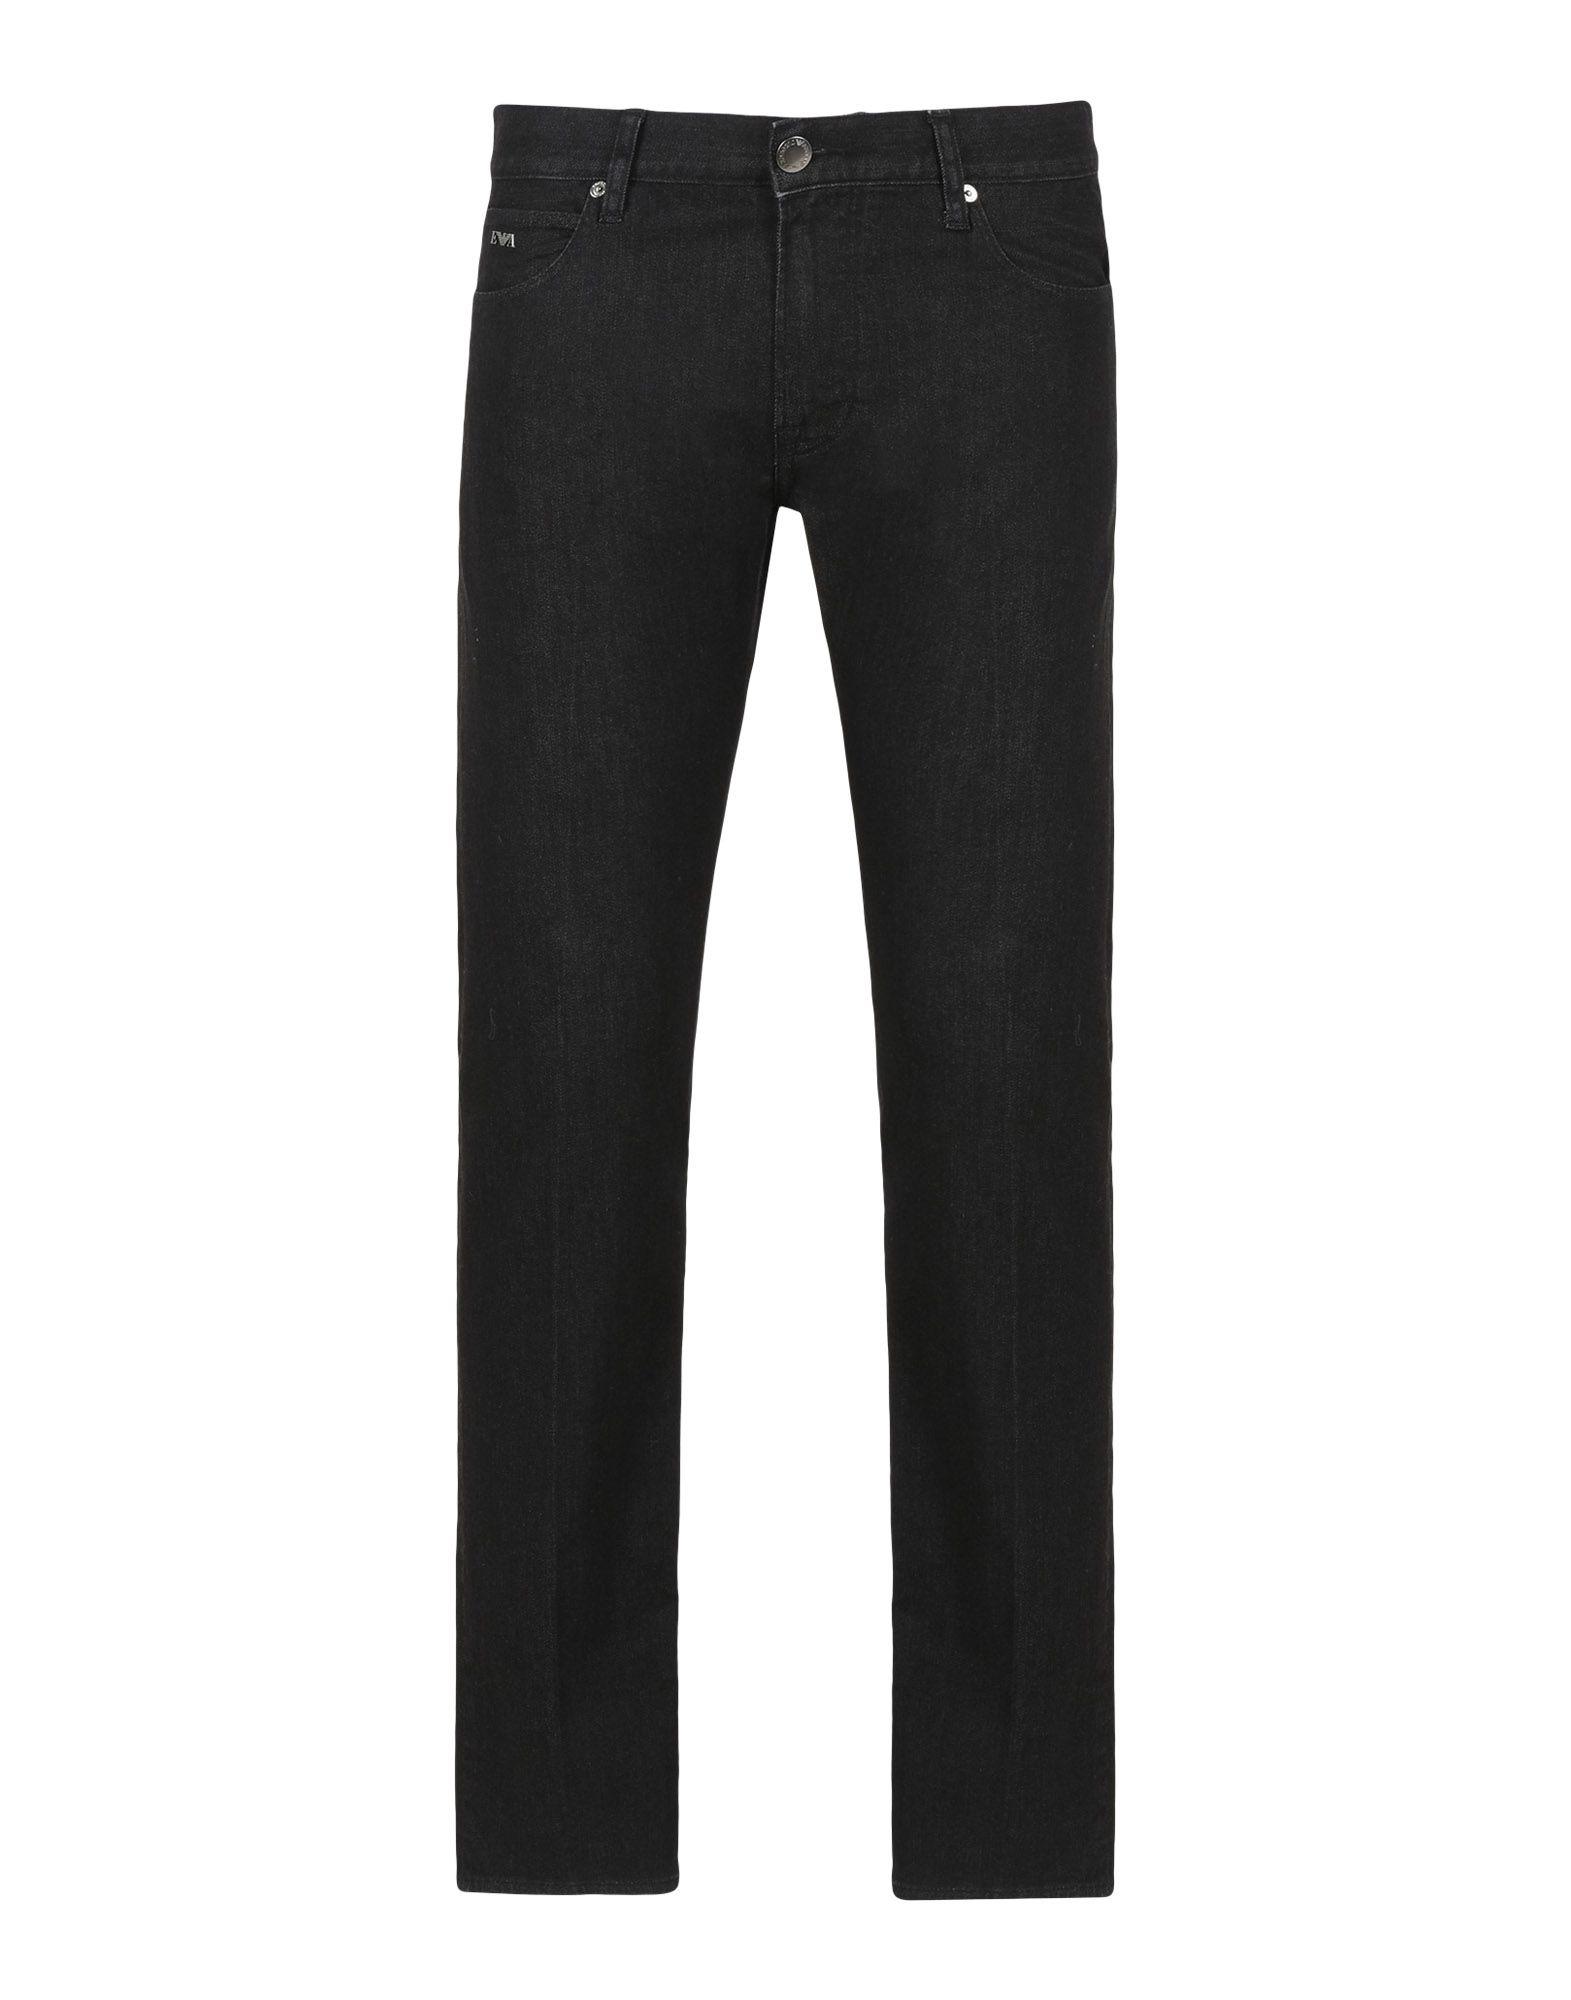 《セール開催中》EMPORIO ARMANI メンズ ジーンズ ブラック 29 コットン 99% / ポリウレタン 1%